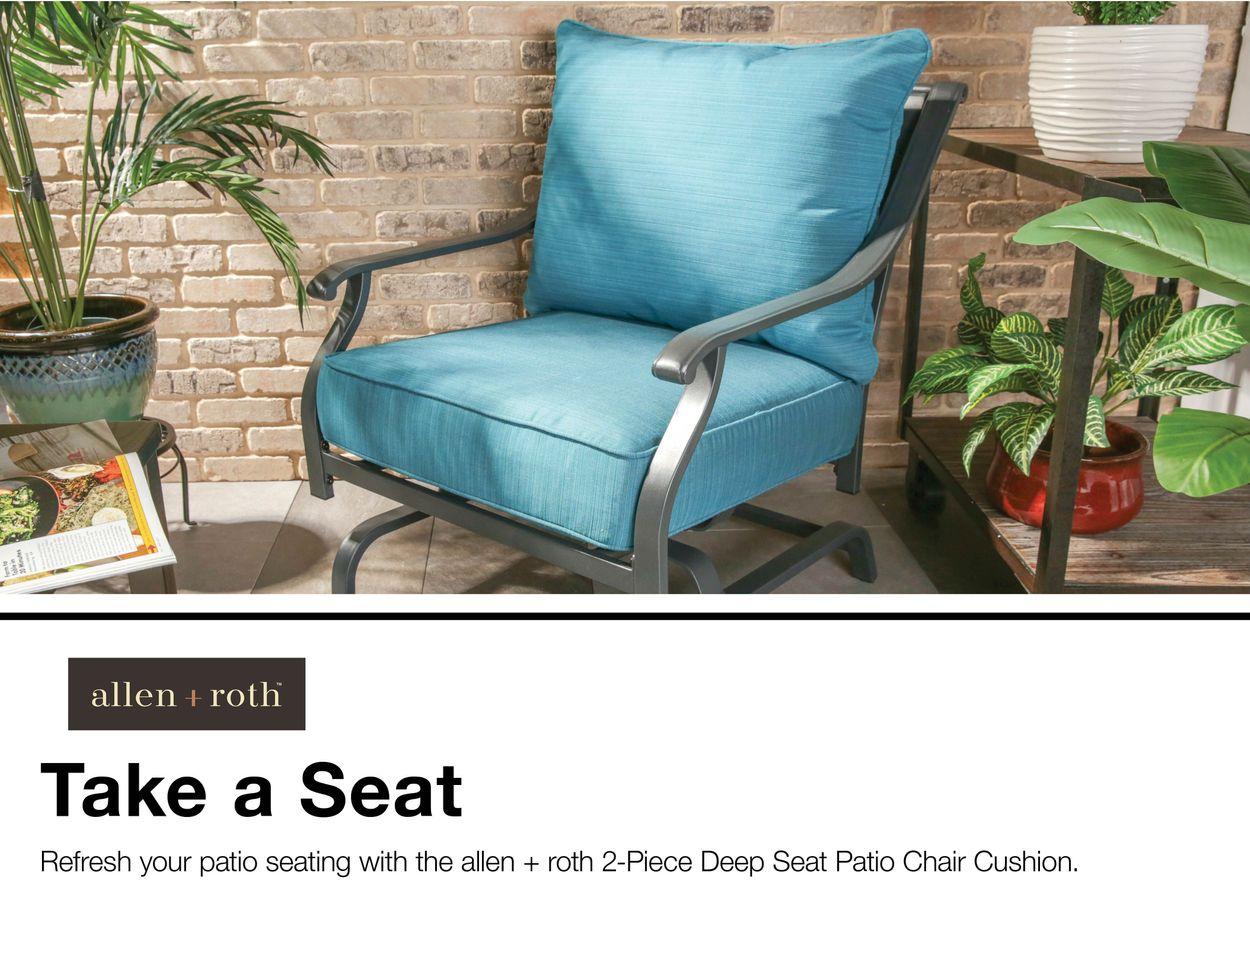 allen roth sunbrella 2 piece deep sea deep seat patio chair cushion